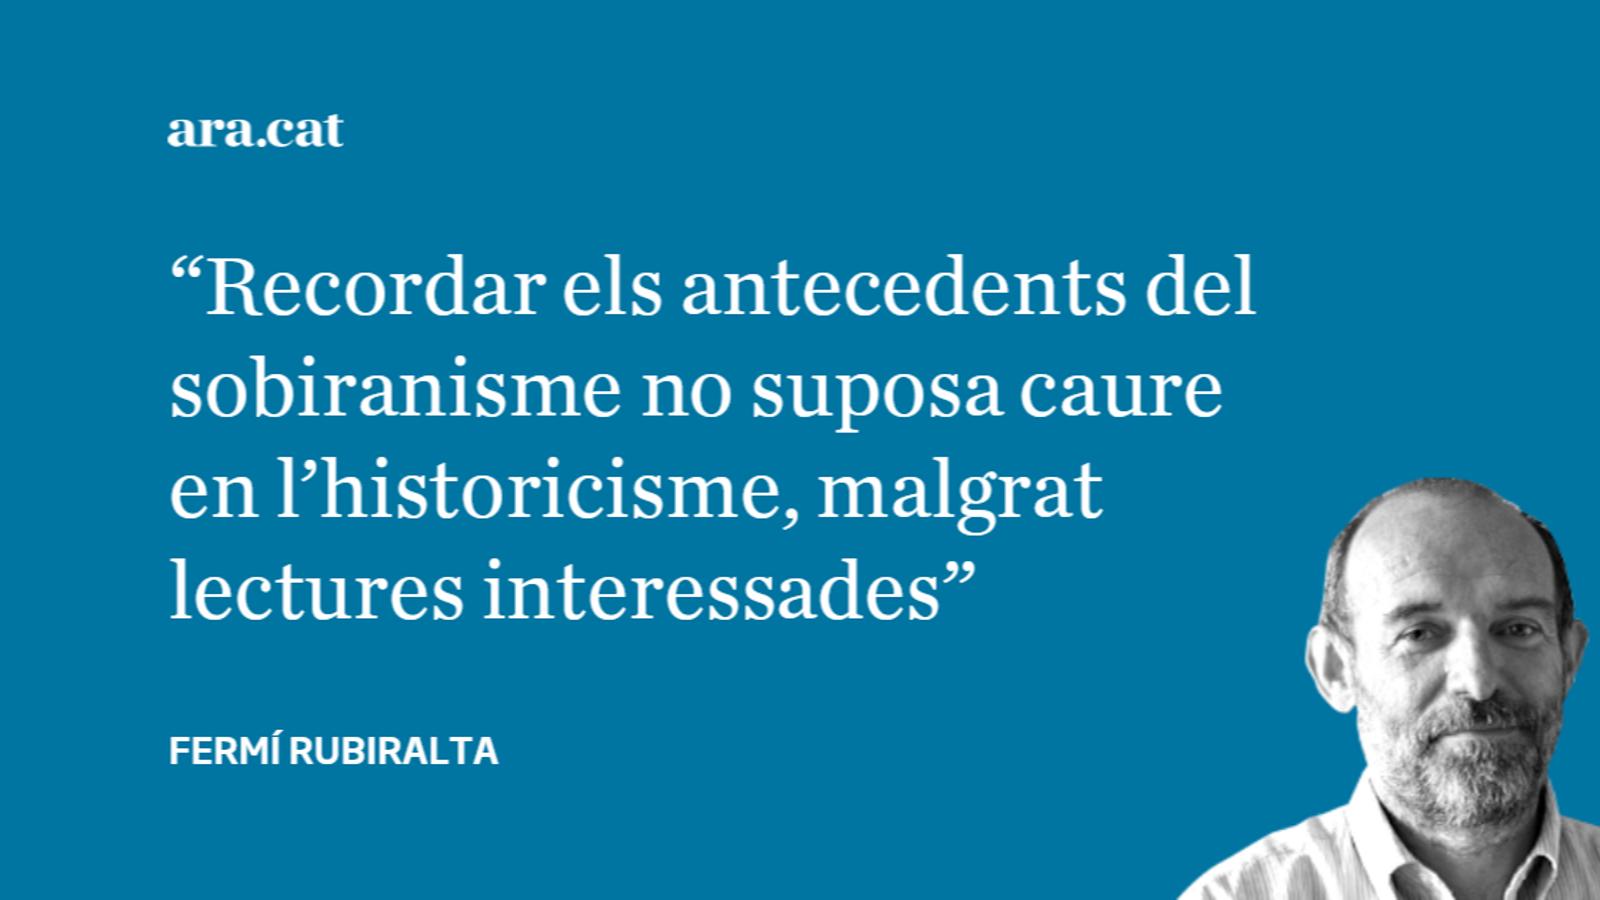 El president Torra i els referents històrics